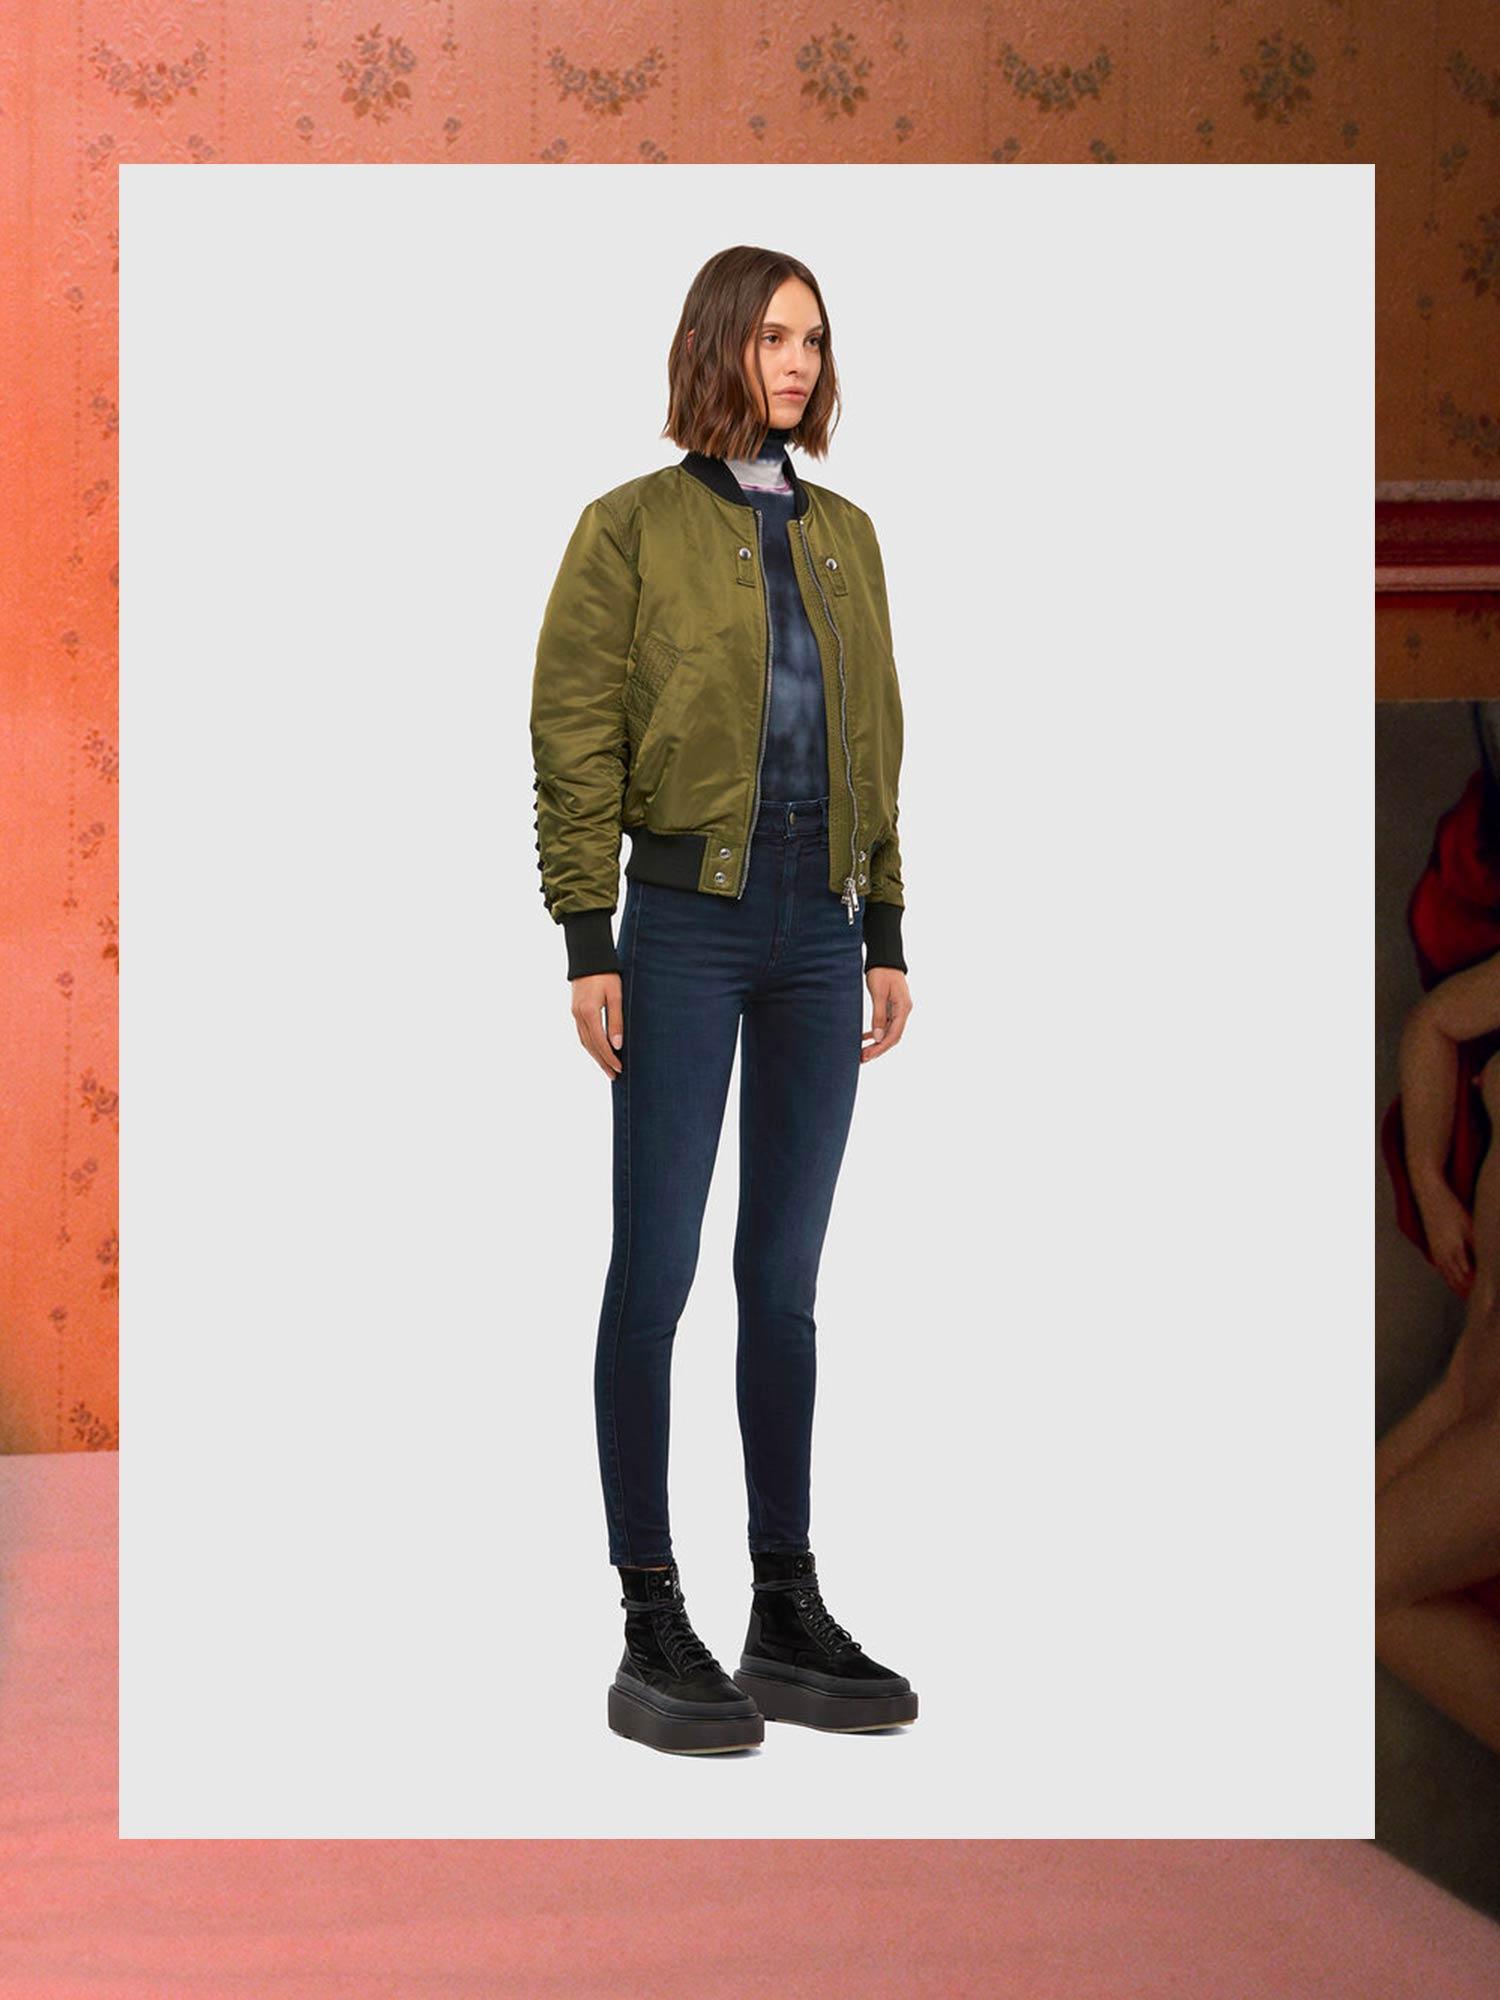 Diesel Jeans Super Skinny Fit: Slandy | Shop Now on Diesel.com